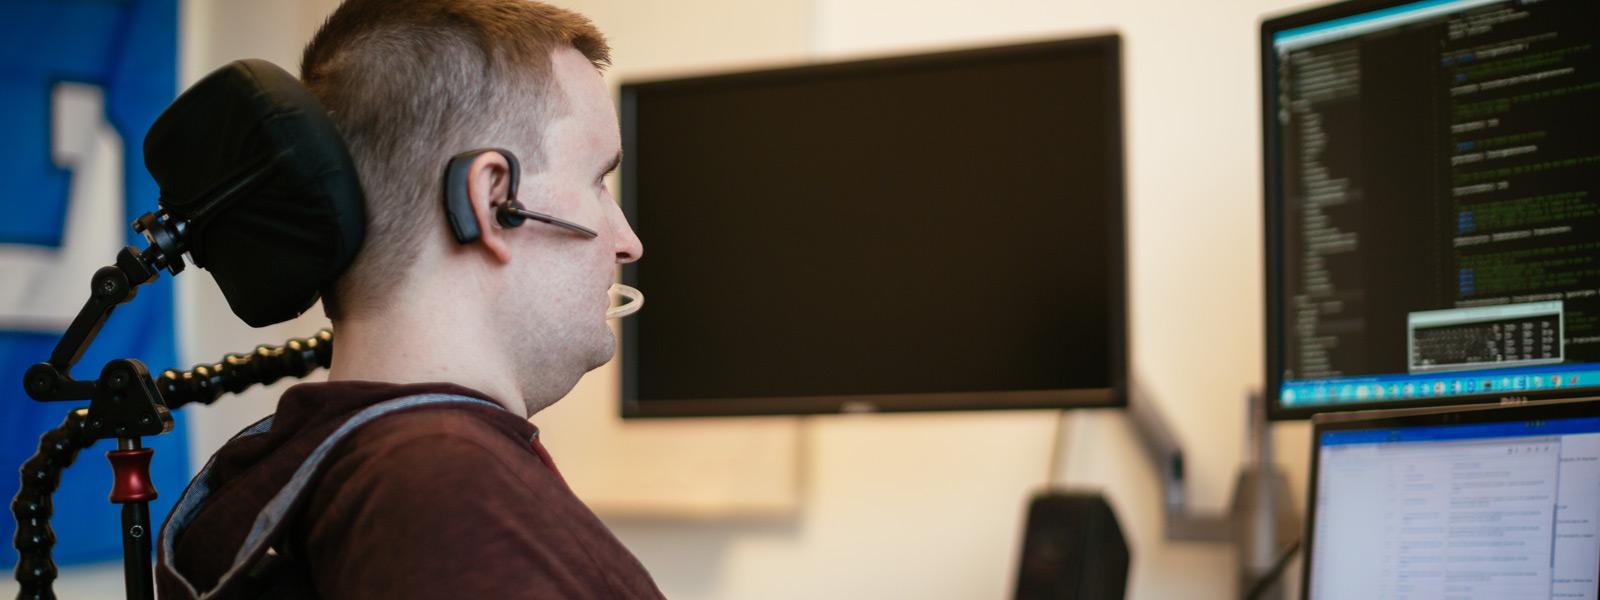 Un homme à un bureau qui utilise la technologie d'assistance matérielle pour utiliser un ordinateur Windows10 avec le contrôle visuel